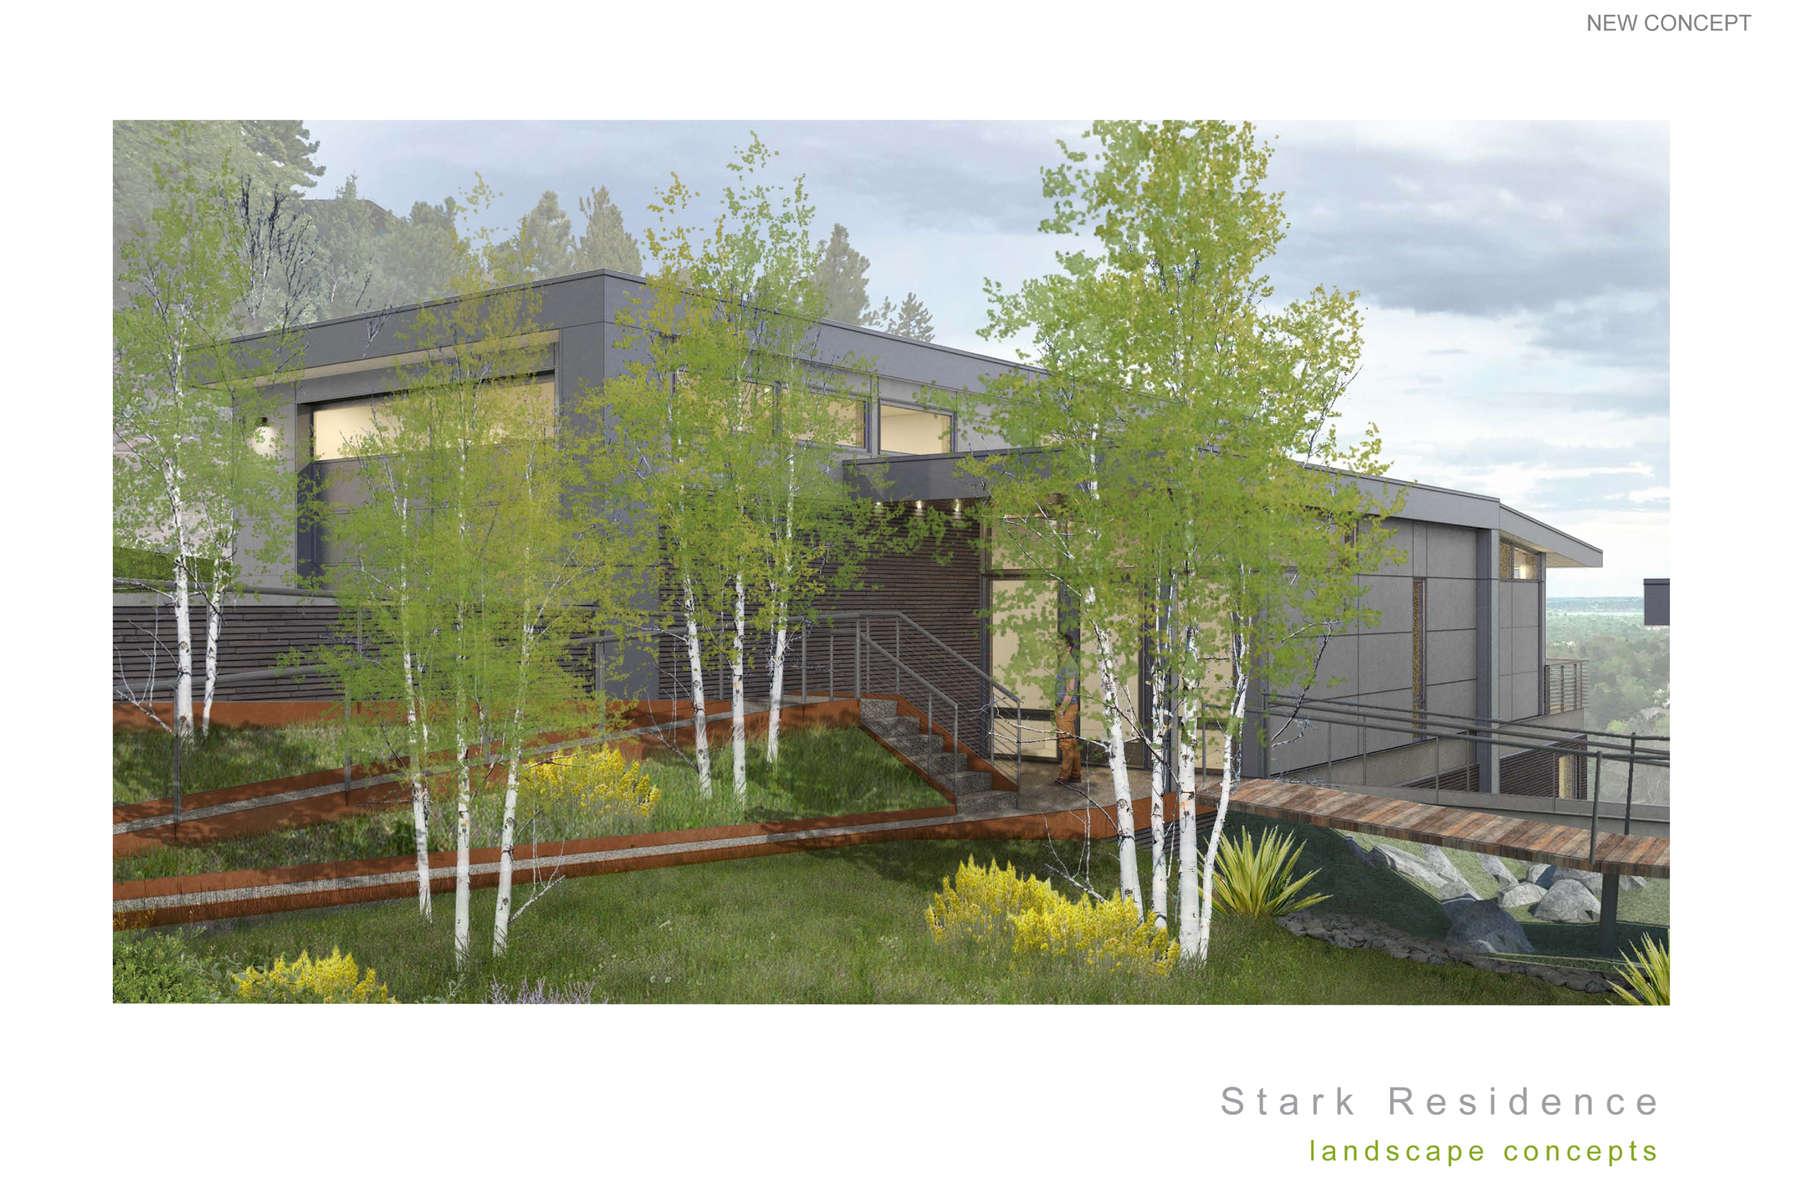 Stark Residence